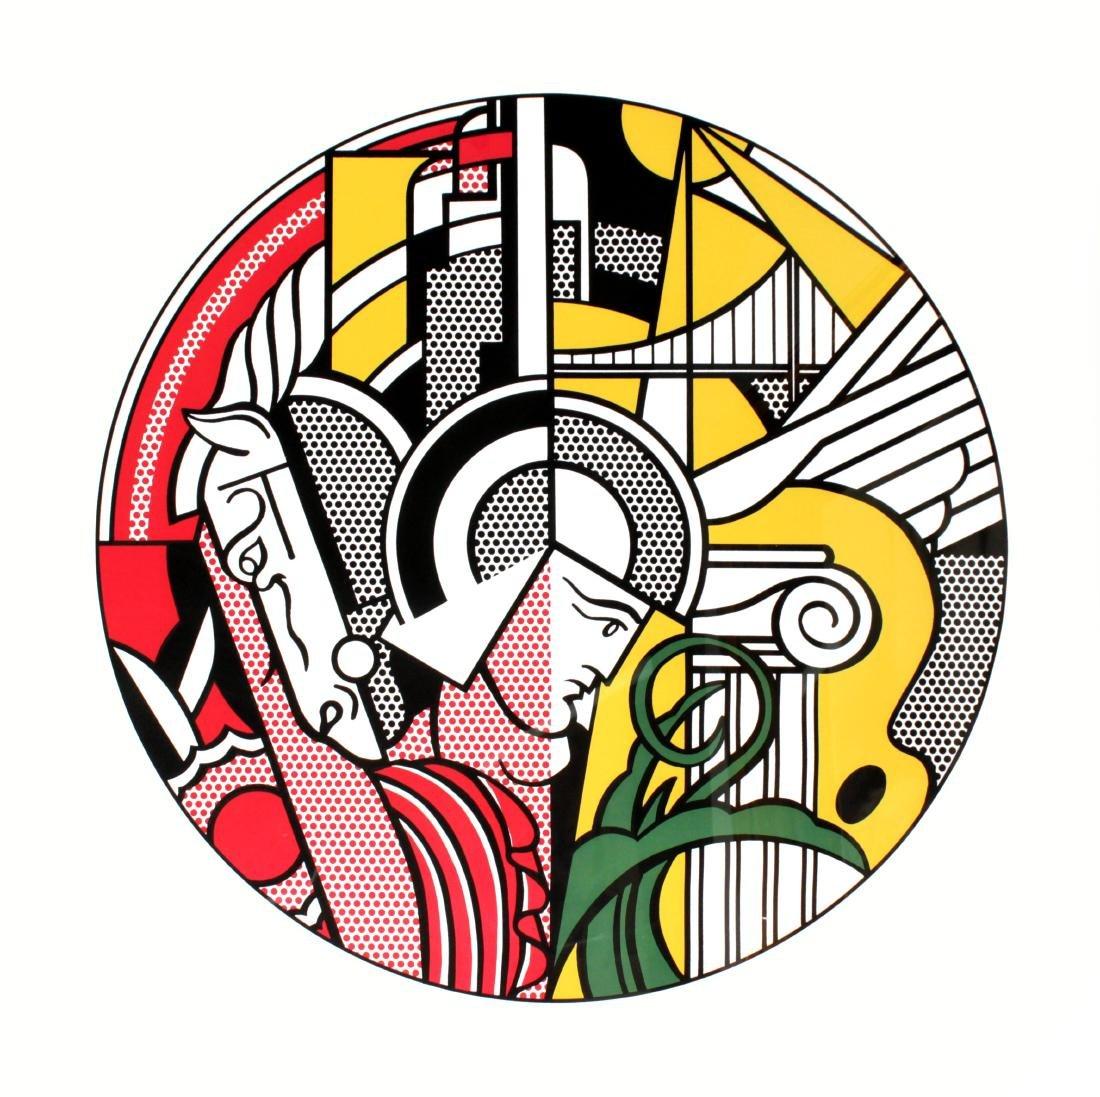 Roy Lichtenstein - The Solomon R. Guggenheim Museum